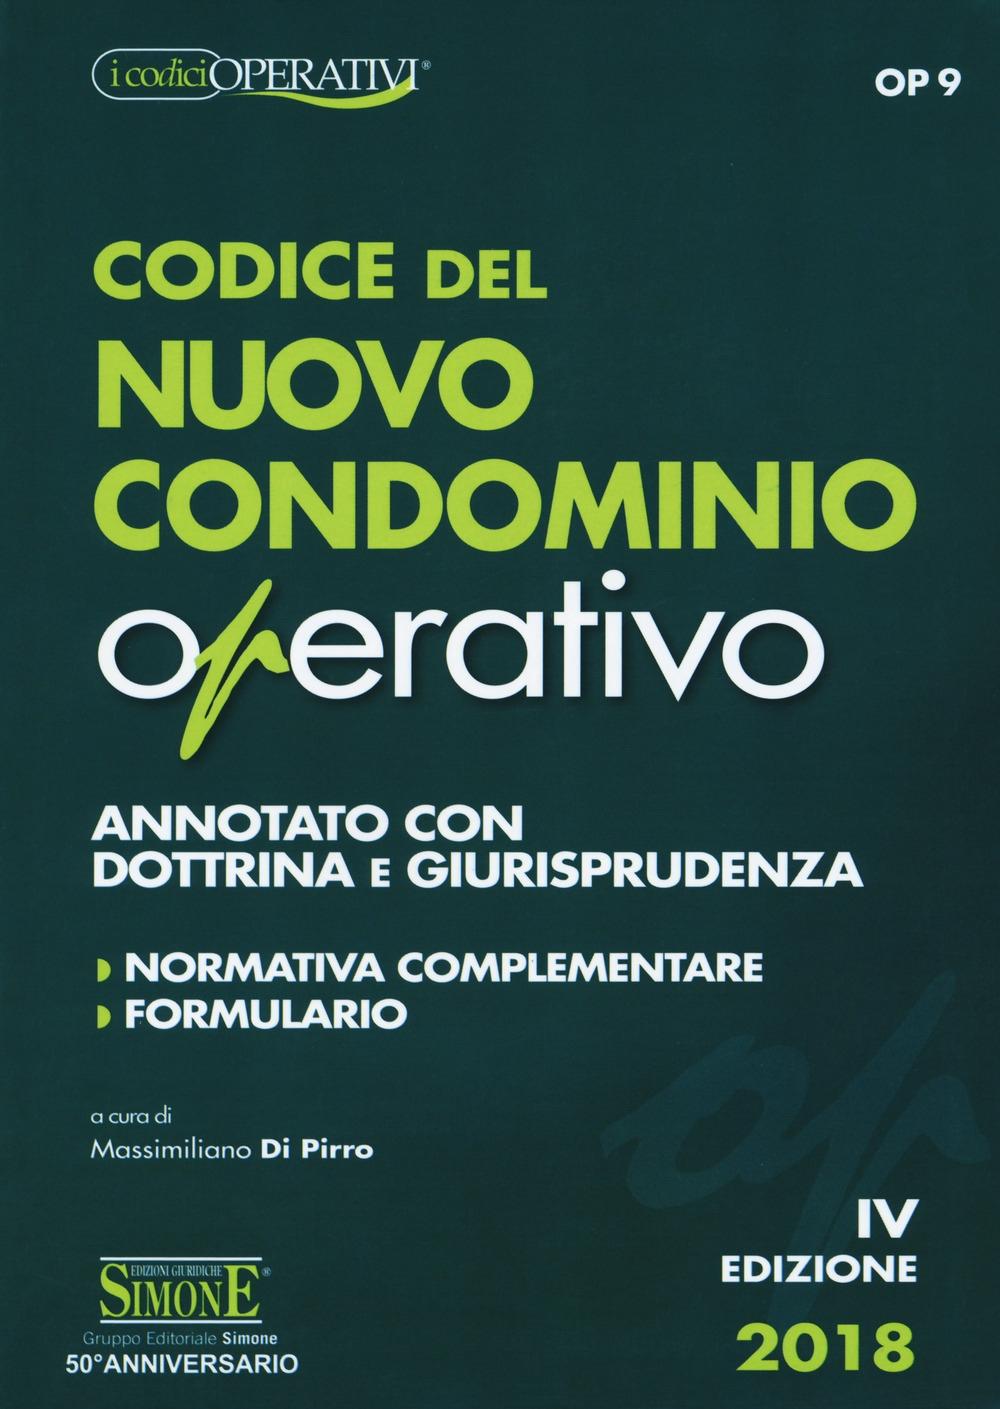 Codice del nuovo condominio operativo. Annotato con dottrina e giurisprudenza. Normativa complementare. Formulario